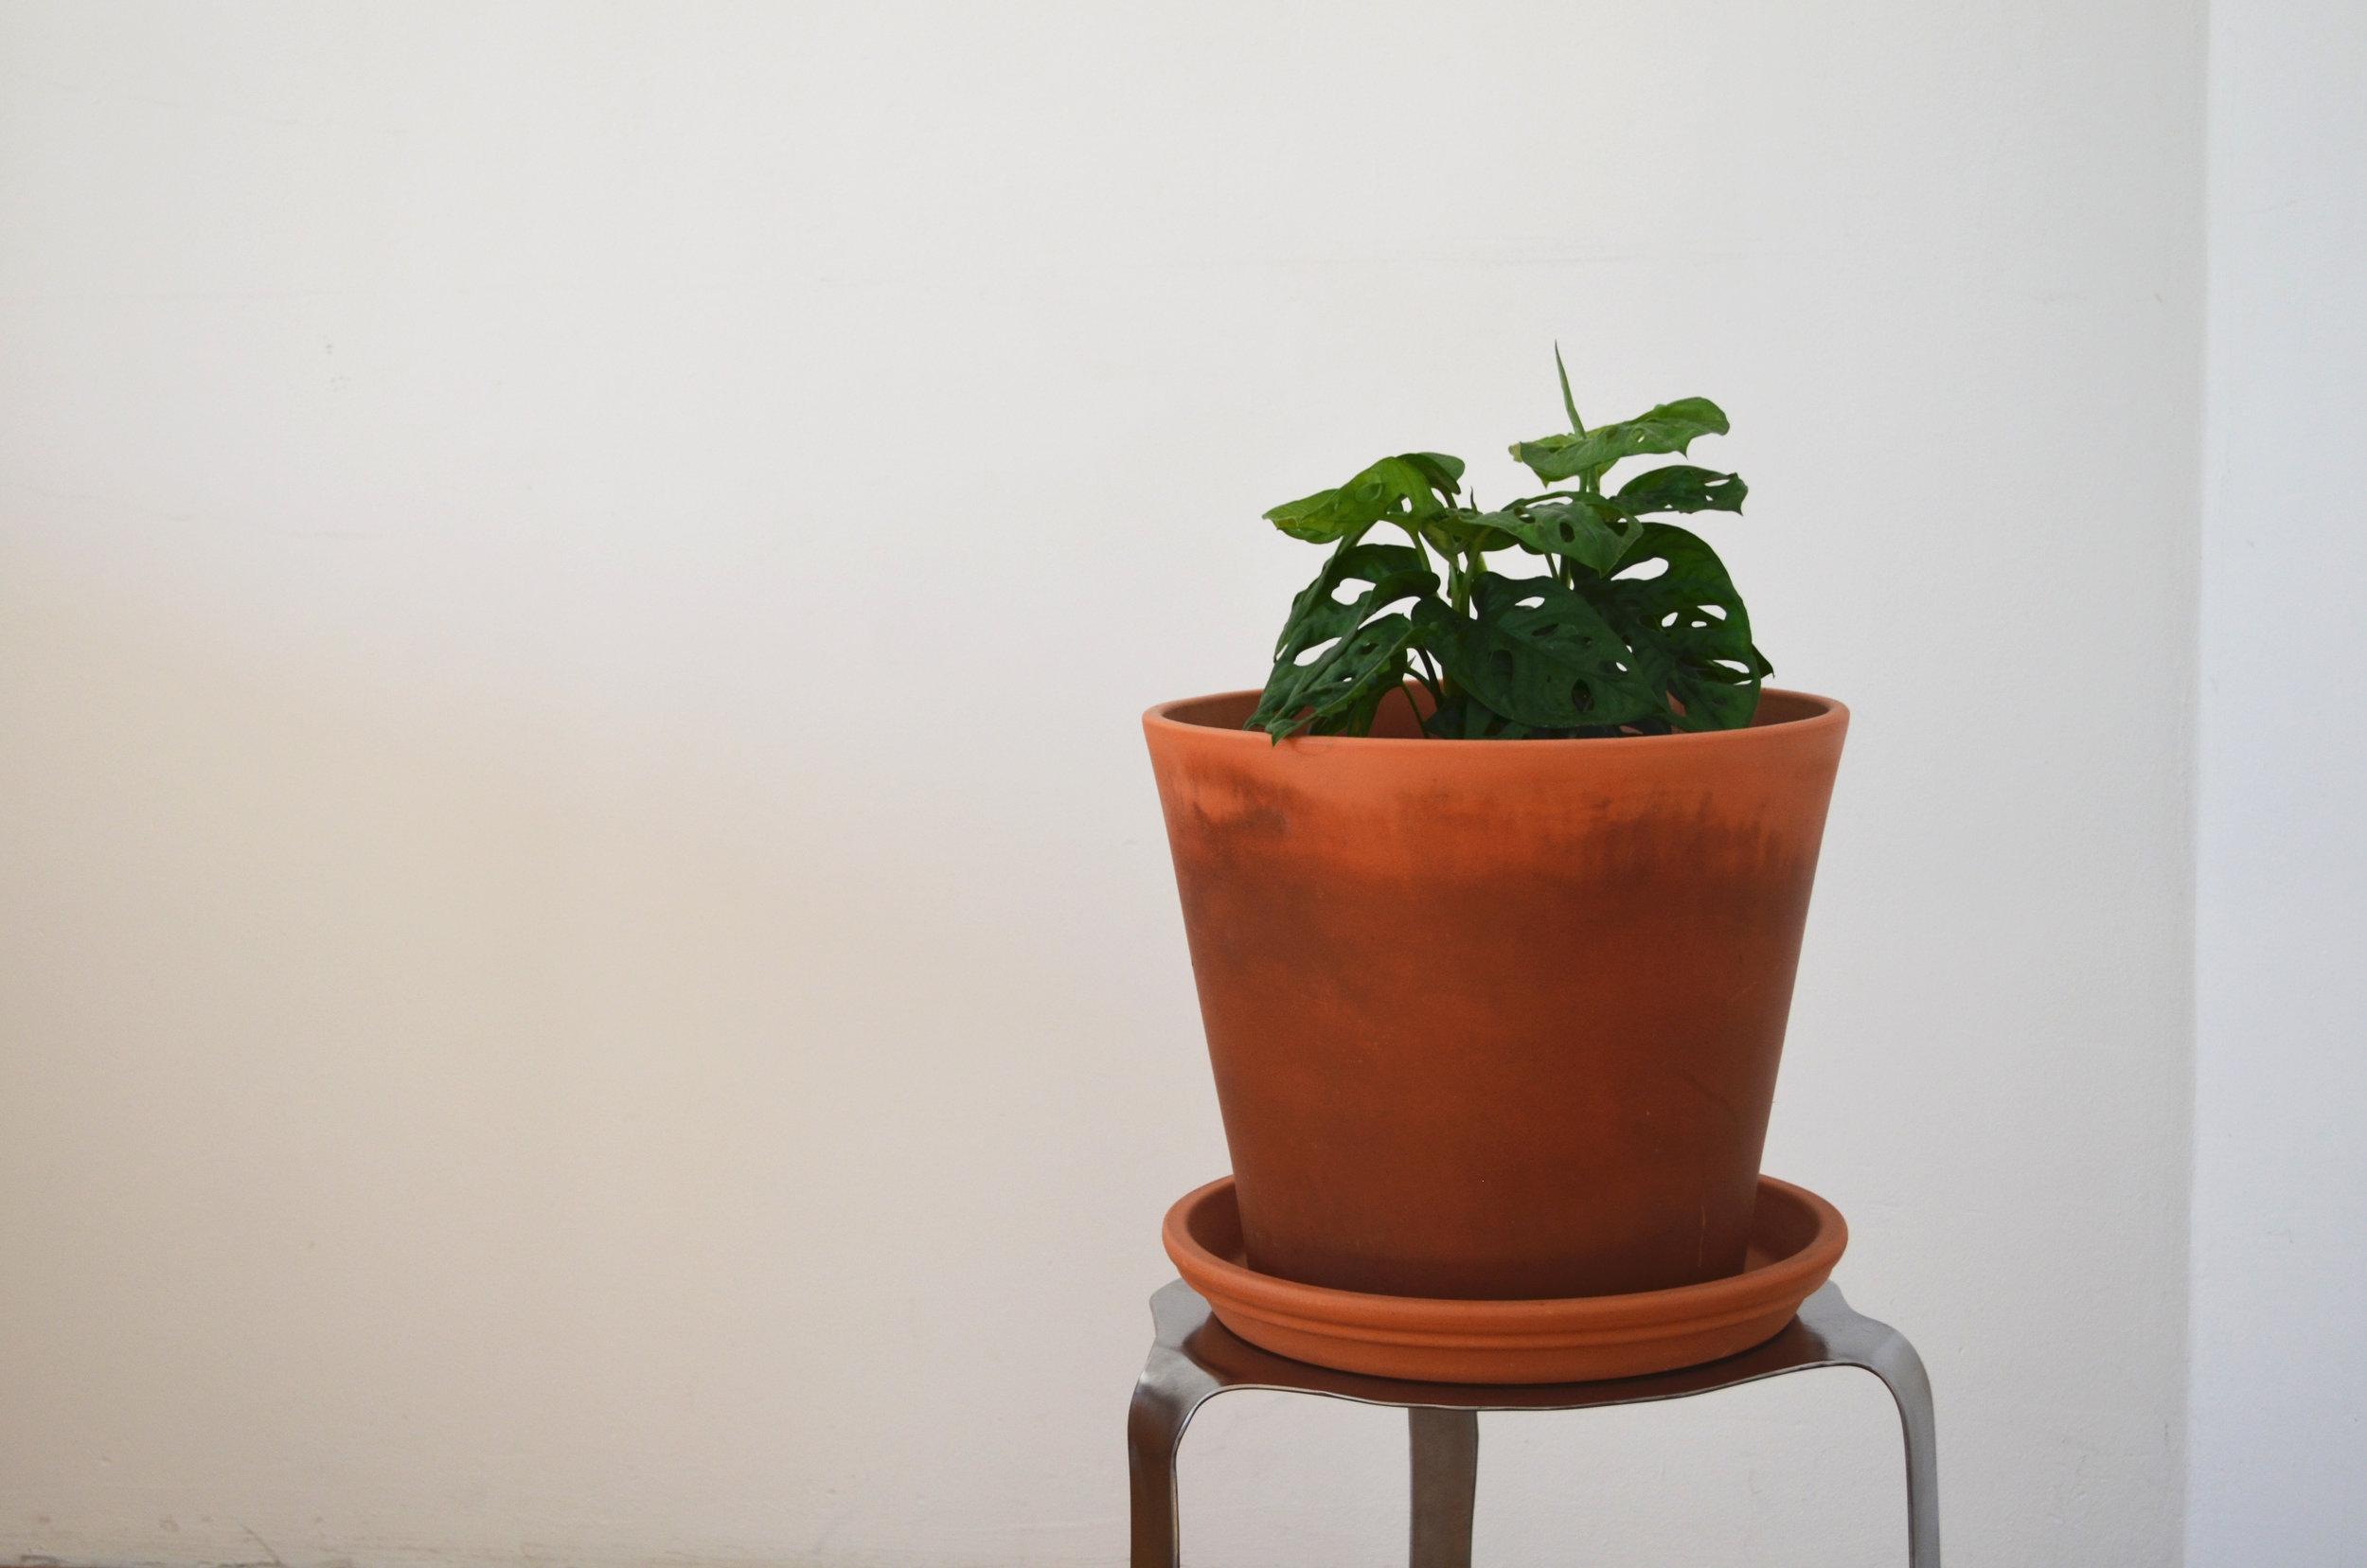 keverkruk met gatenplant 2.jpg